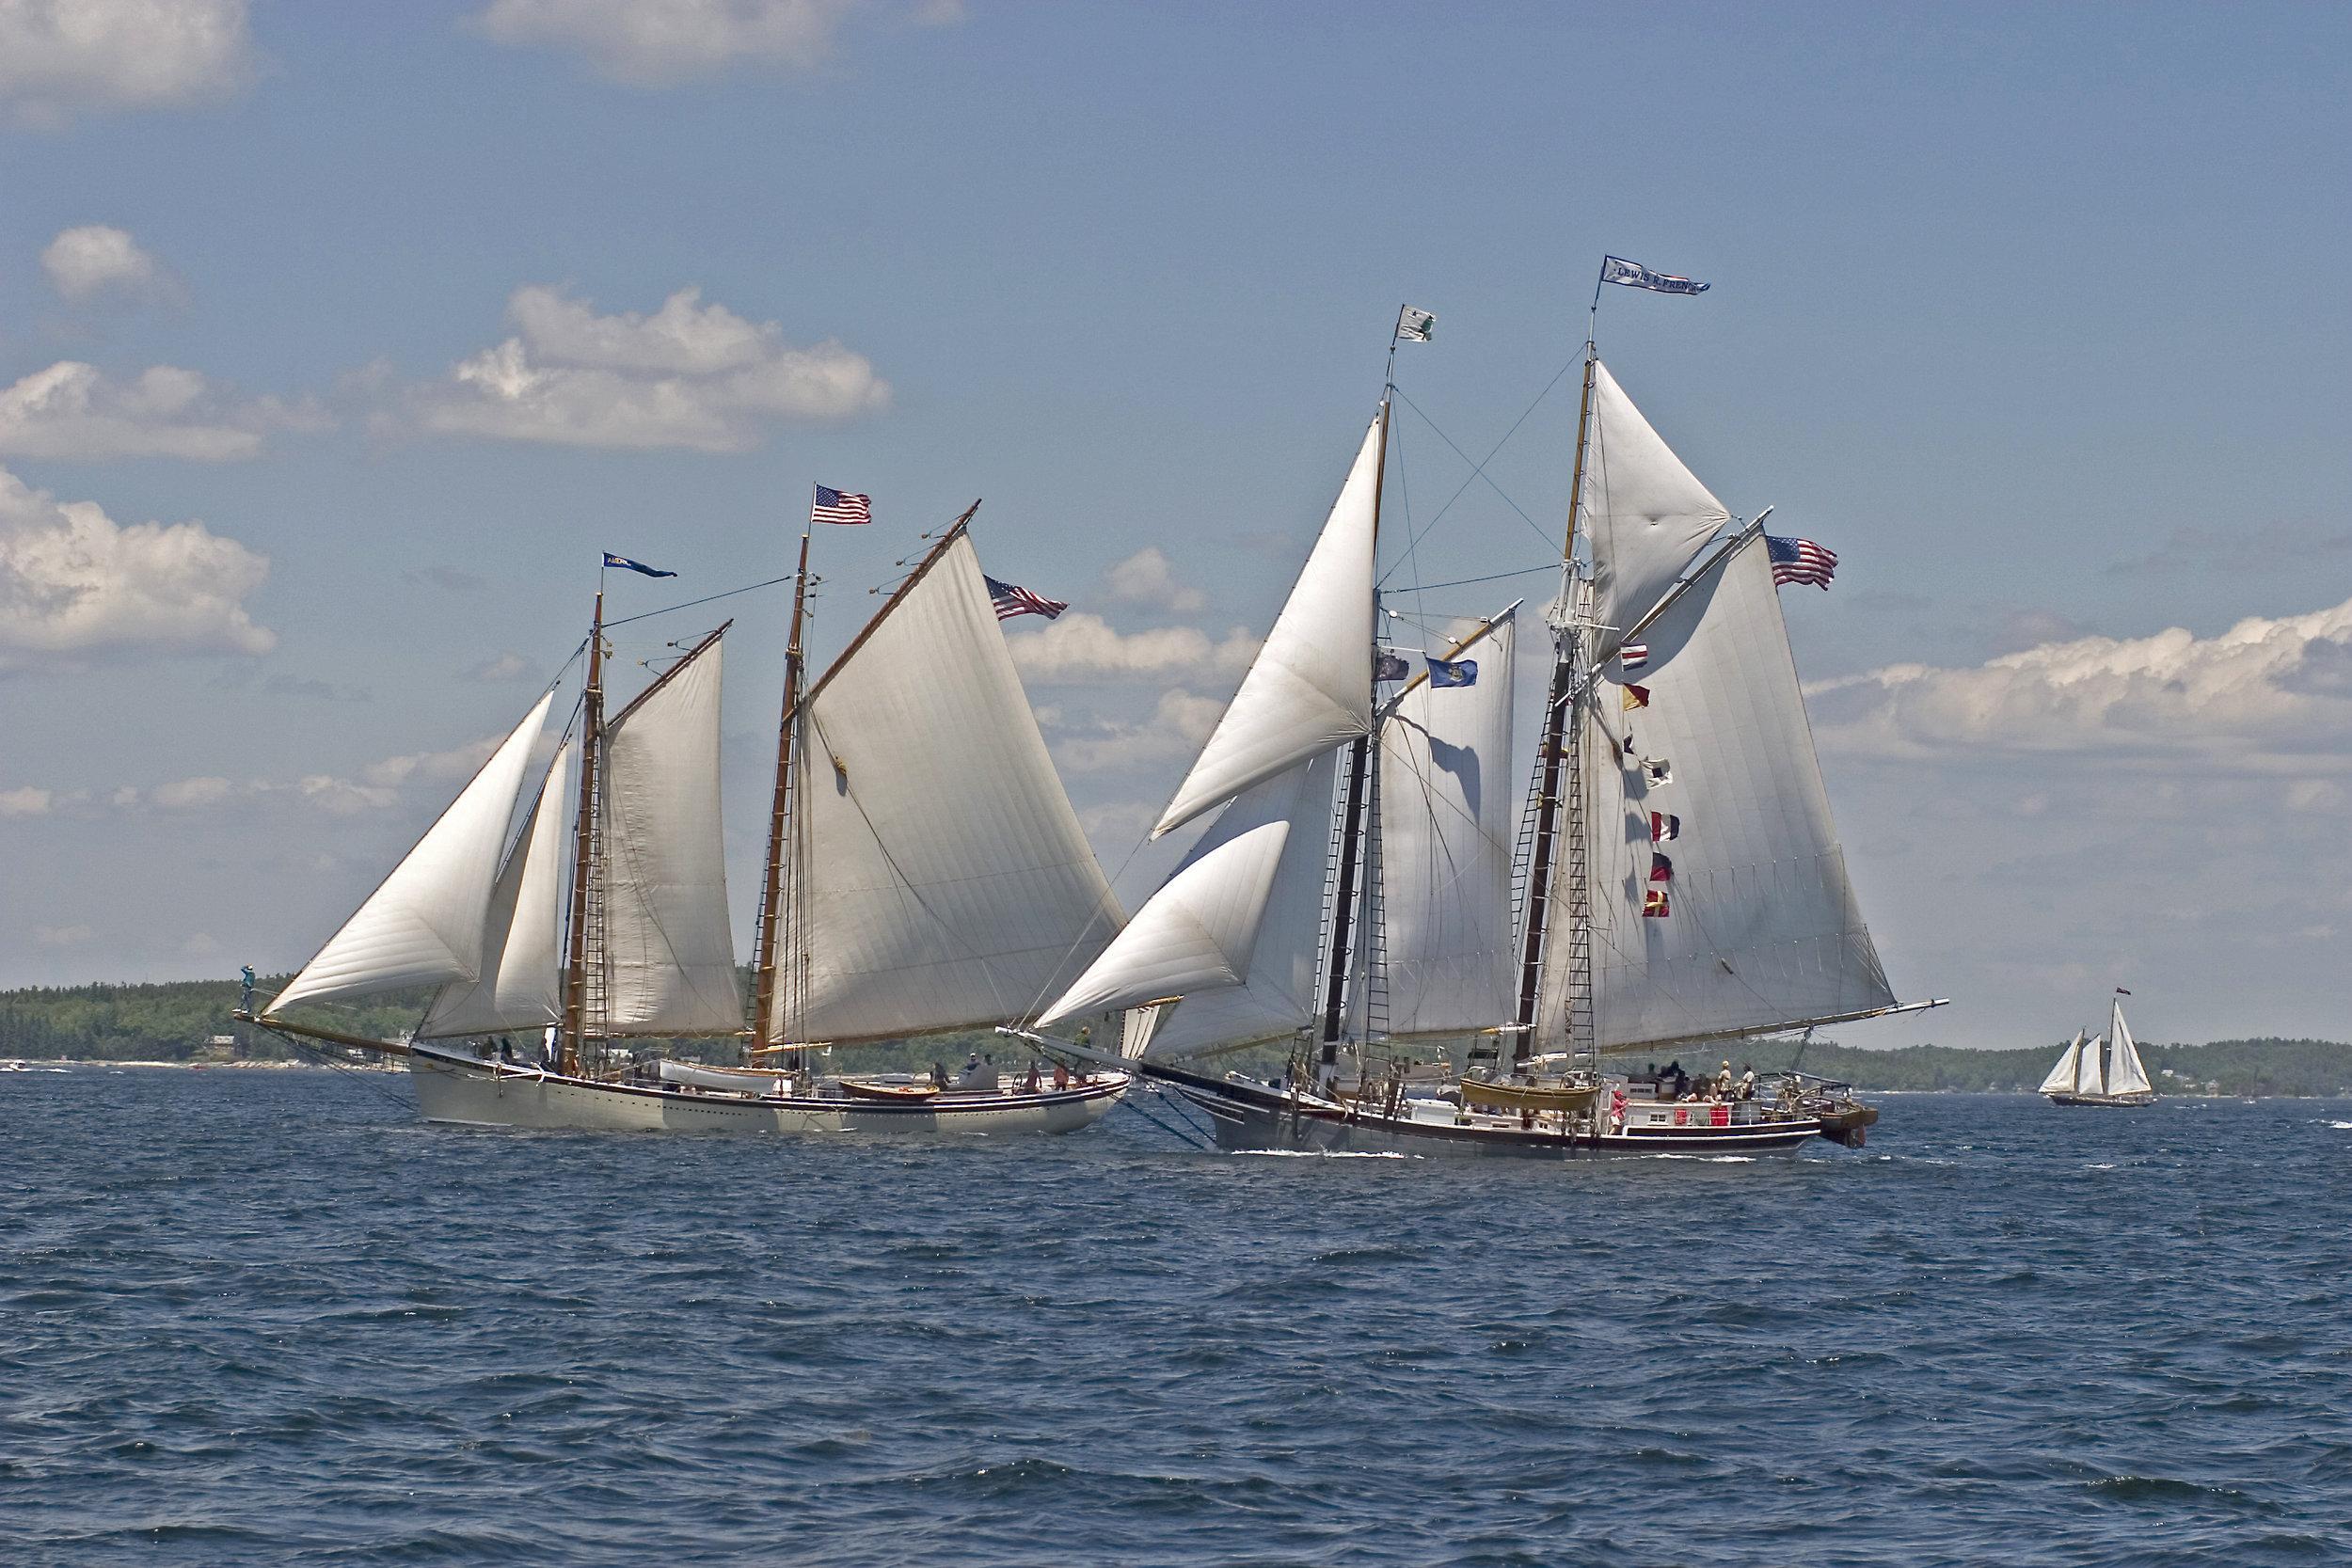 June: Windjammers off Boothbay Harbor